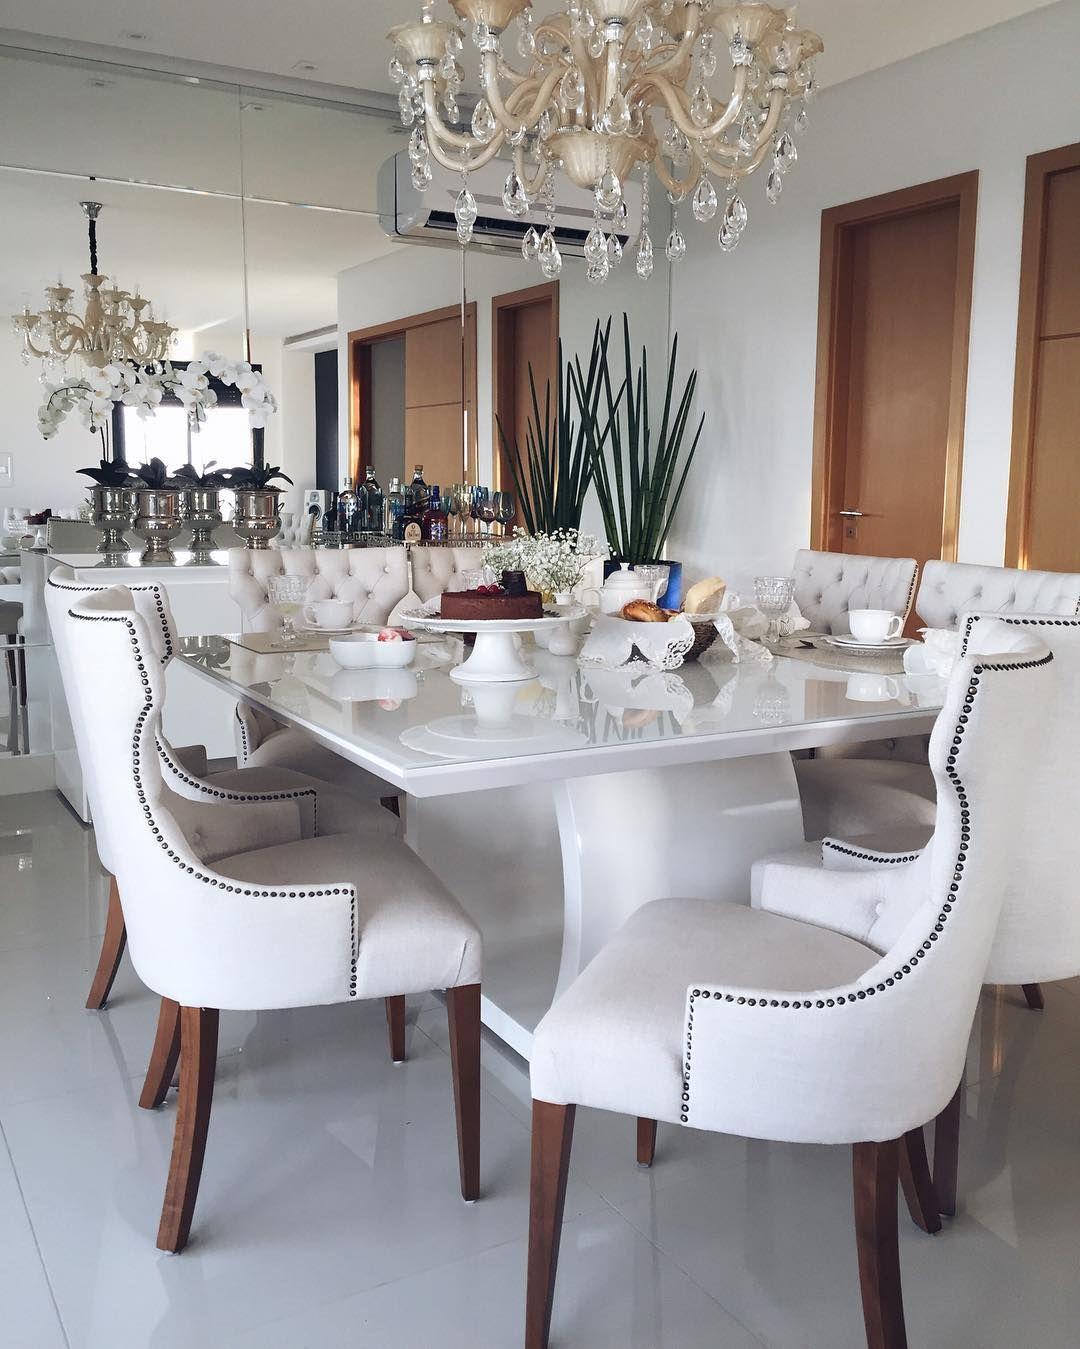 Vocês sempre me pedem nossa mesa, ela é linda né?  aos pouquinhos nosso apartamento vai tomando forma, graças a Deus. Fizemos na @mabmovelaria_ com um acabamento sem igual. Obrigada Paula e toda equipe.. Quem quiser mais informações (62)99790487  bom diaaaa!  Ahhh e toda a decor quem fez foi a Andreia da @lojacachepot, depois mostro melhor! Lá só tem coisas lindaaaas ❤️